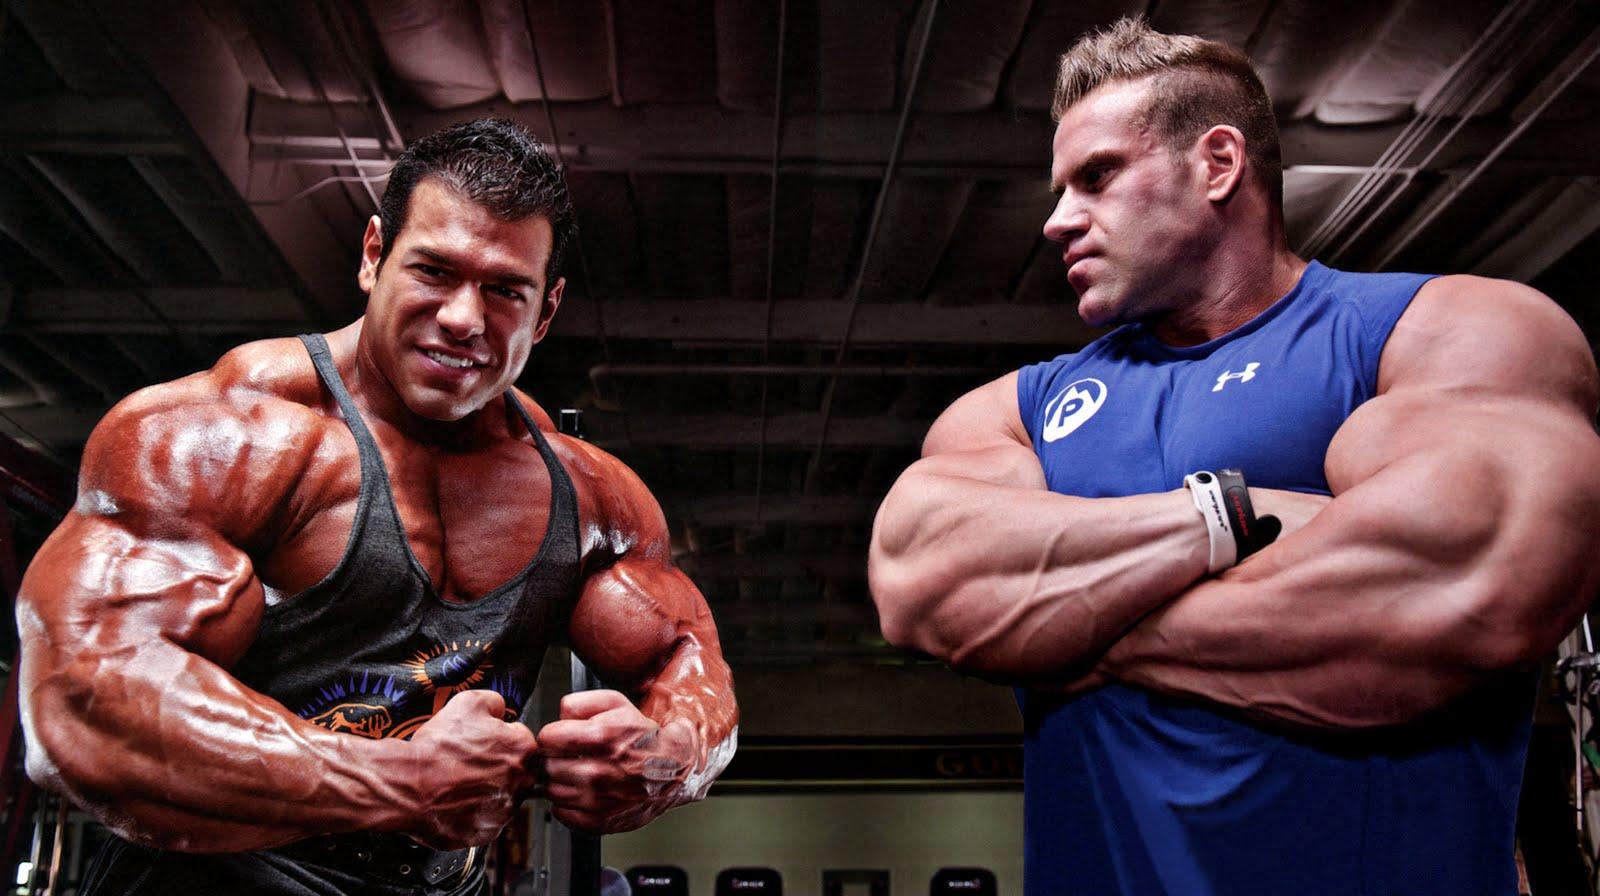 What are Steve Kuclo's plans? - Bodybuilding com Forums